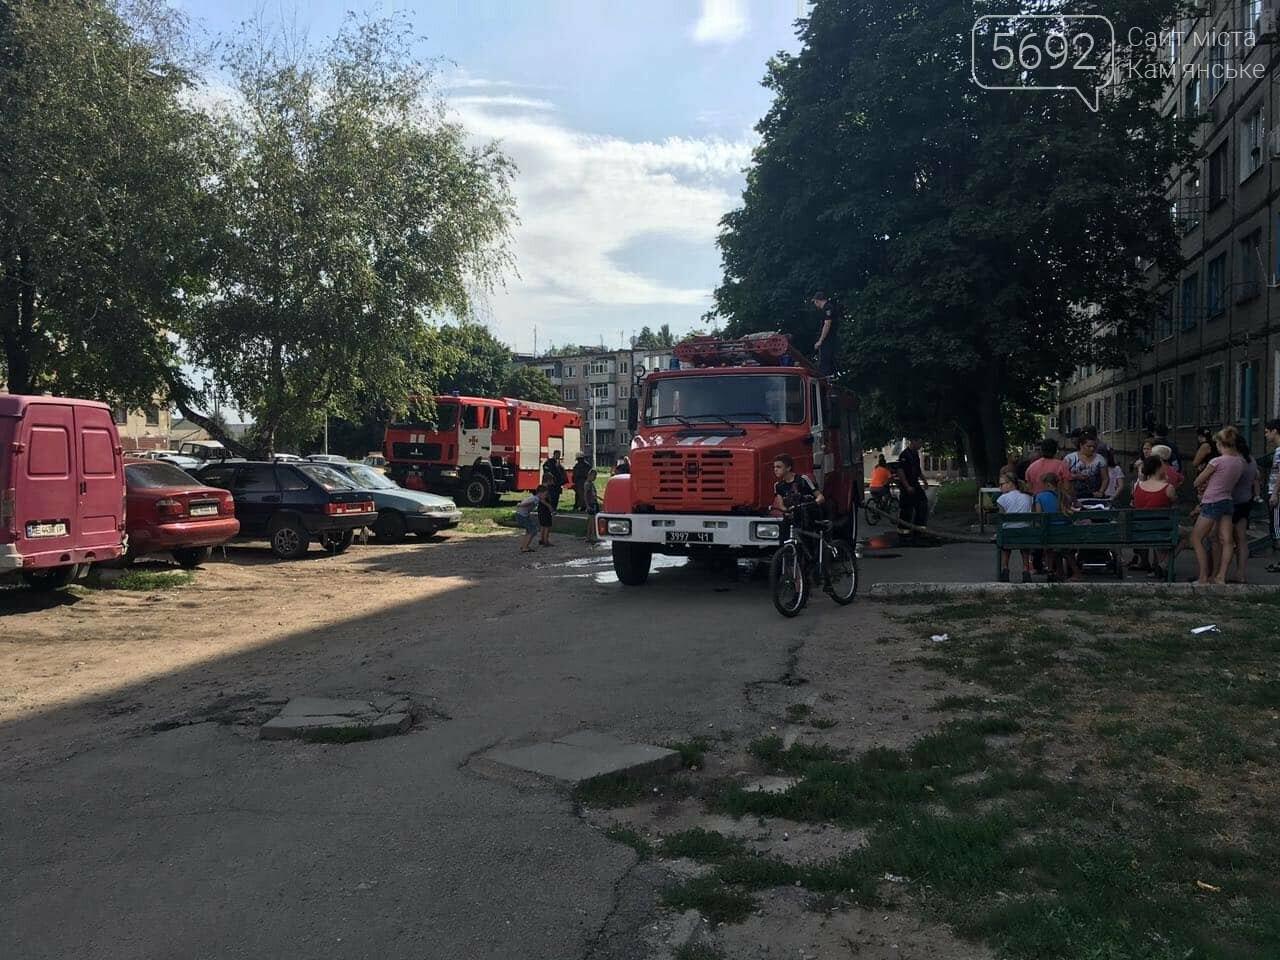 Пытался потушить самостоятельно: в Каменском на пожаре пострадал мужчина, фото-1